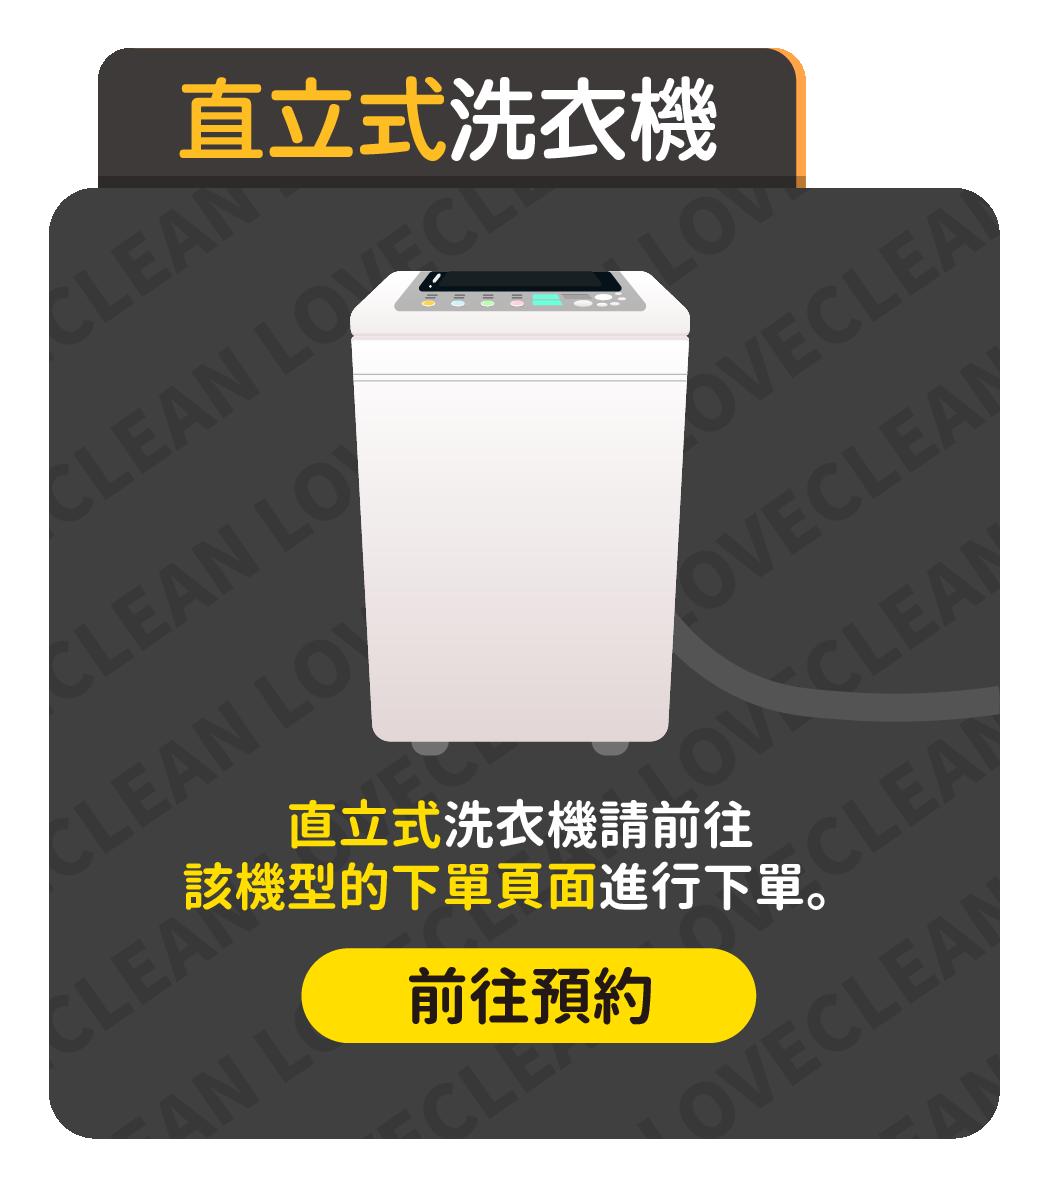 愛潔淨-直立式洗衣機費用